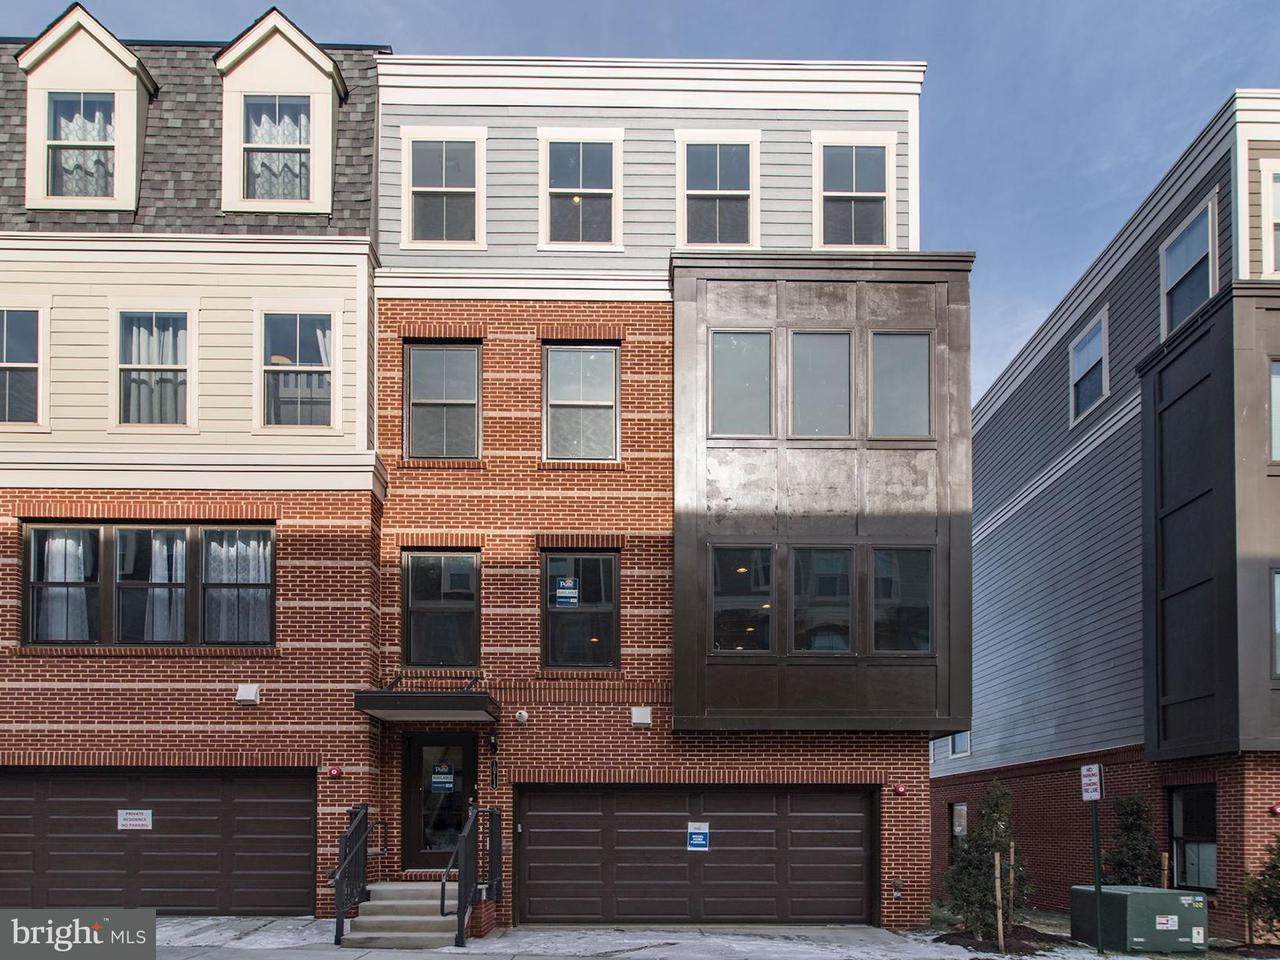 联栋屋 为 销售 在 10714 VIOGNIER TER #0 10714 VIOGNIER TER #0 Fairfax, 弗吉尼亚州 22030 美国